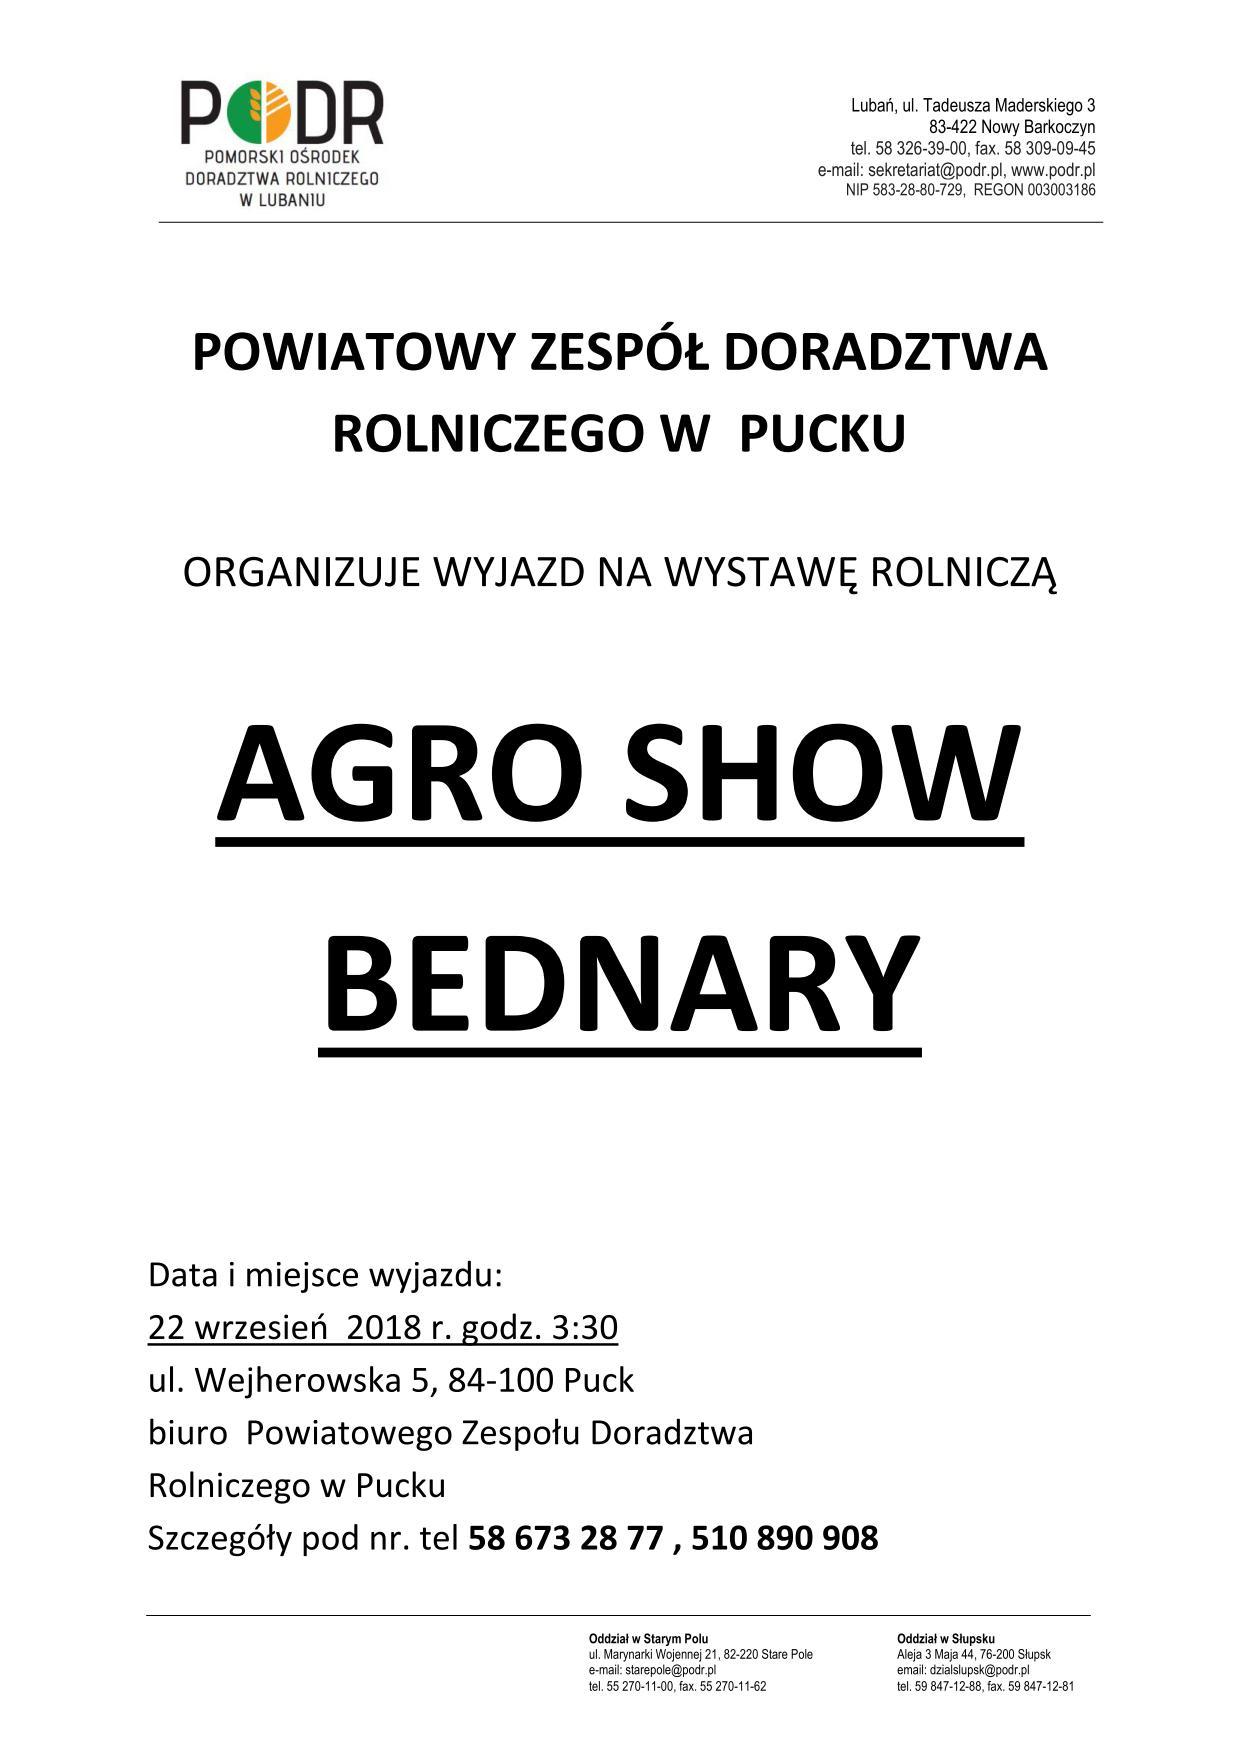 Agro show_01